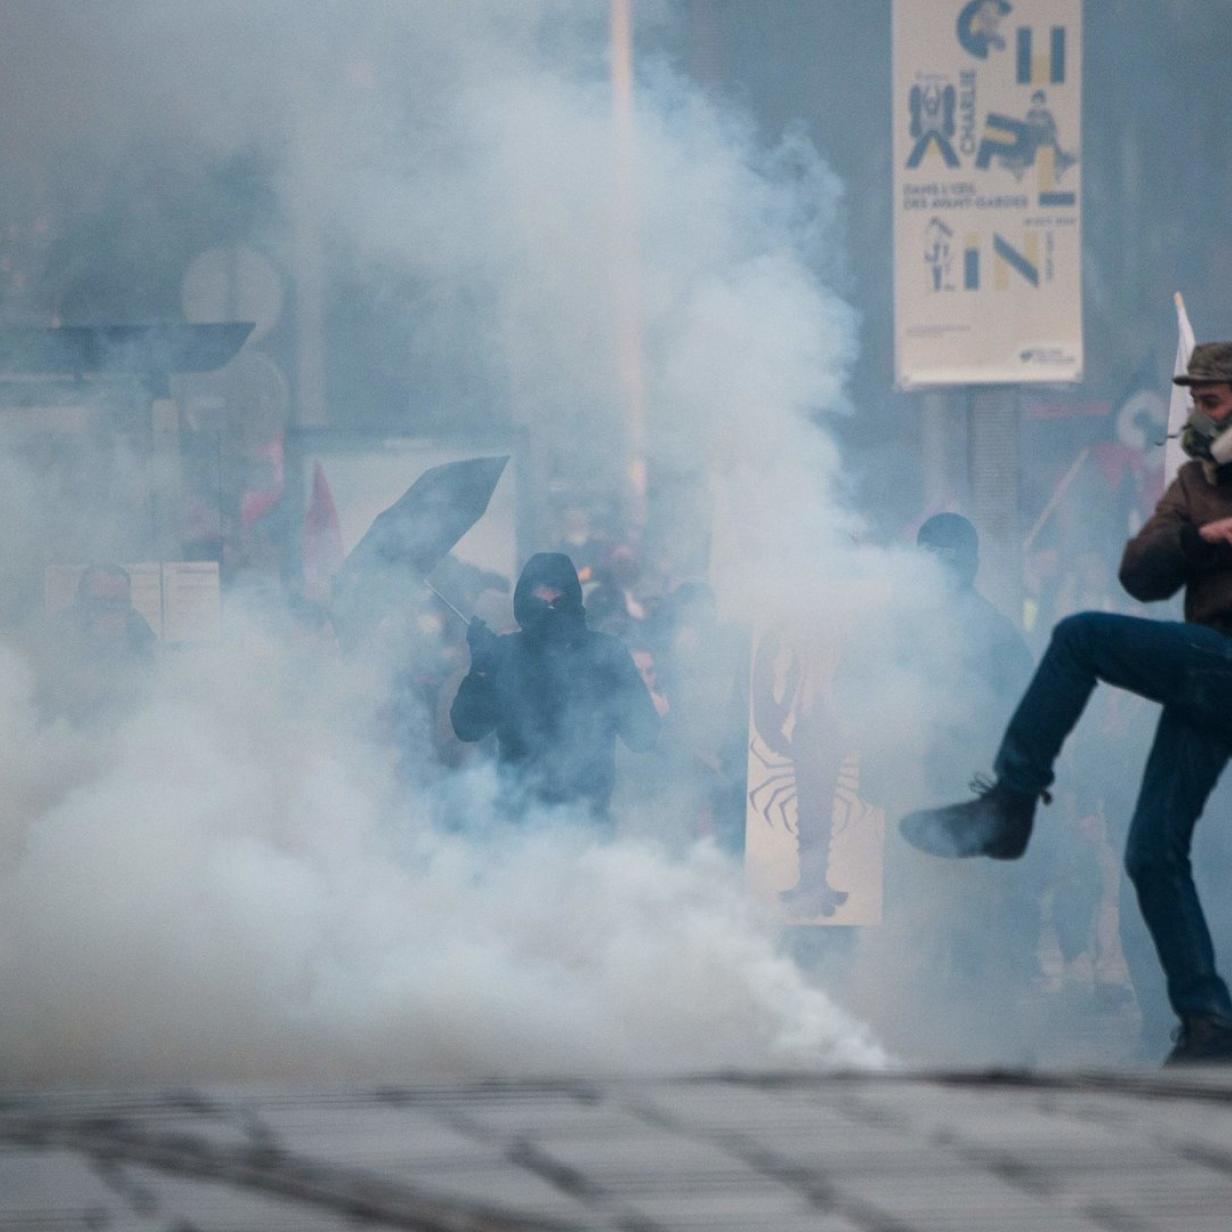 Protestwelle in Frankreich lässt Verkehr stillstehen